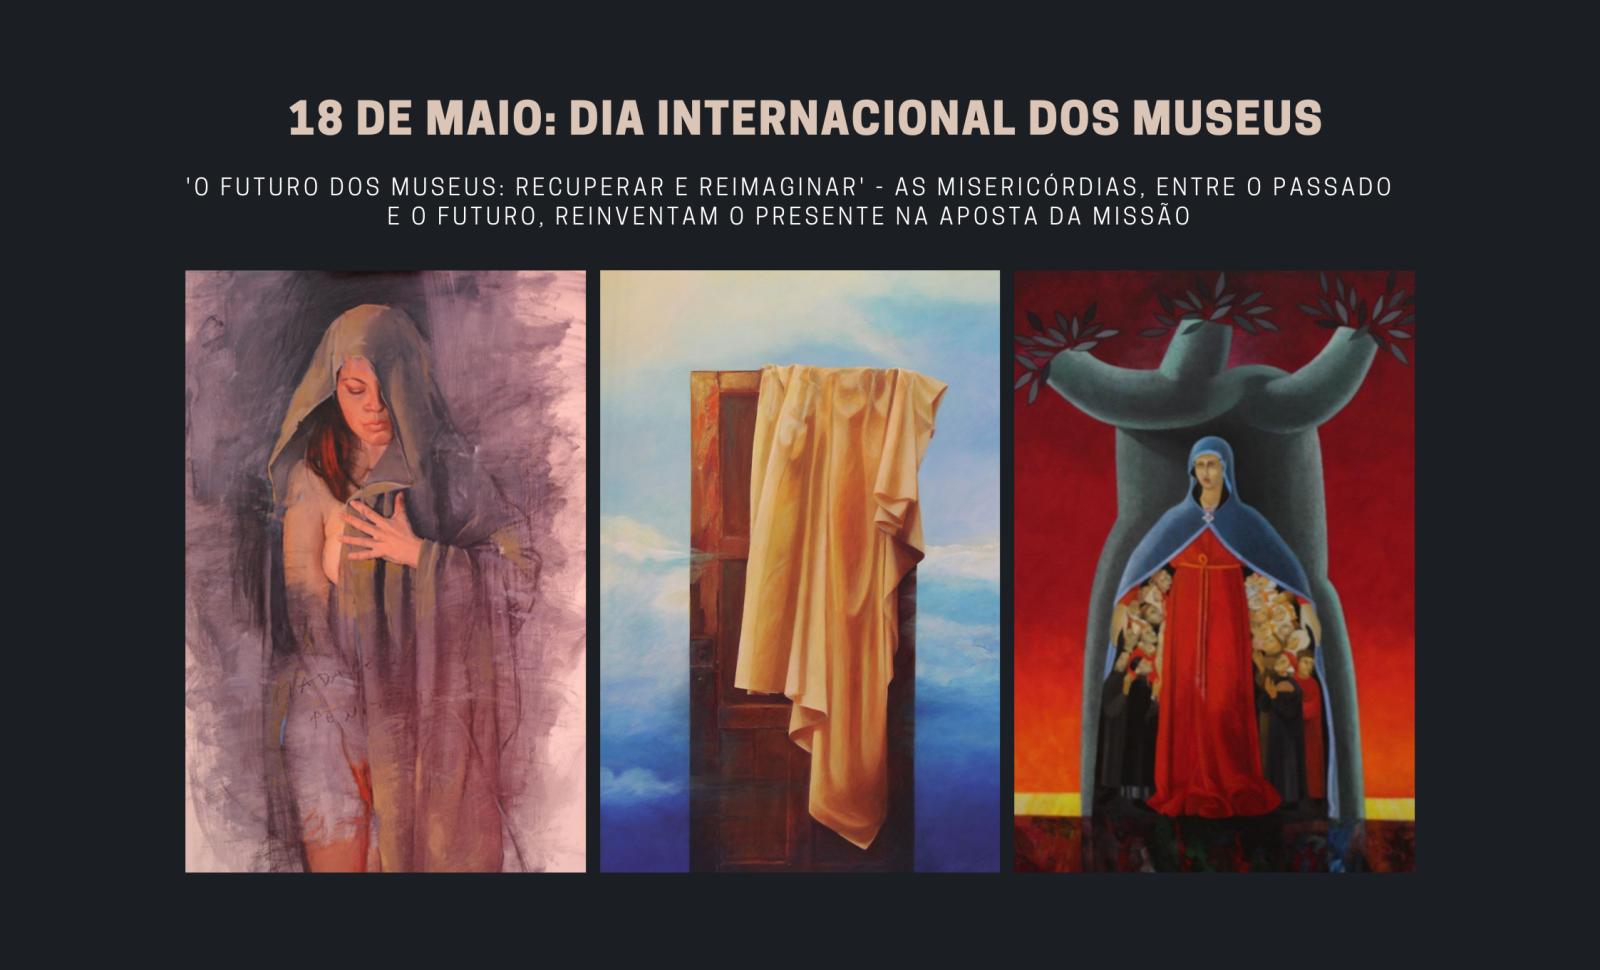 DIM | 'O futuro dos museus: recuperar e reimaginar'